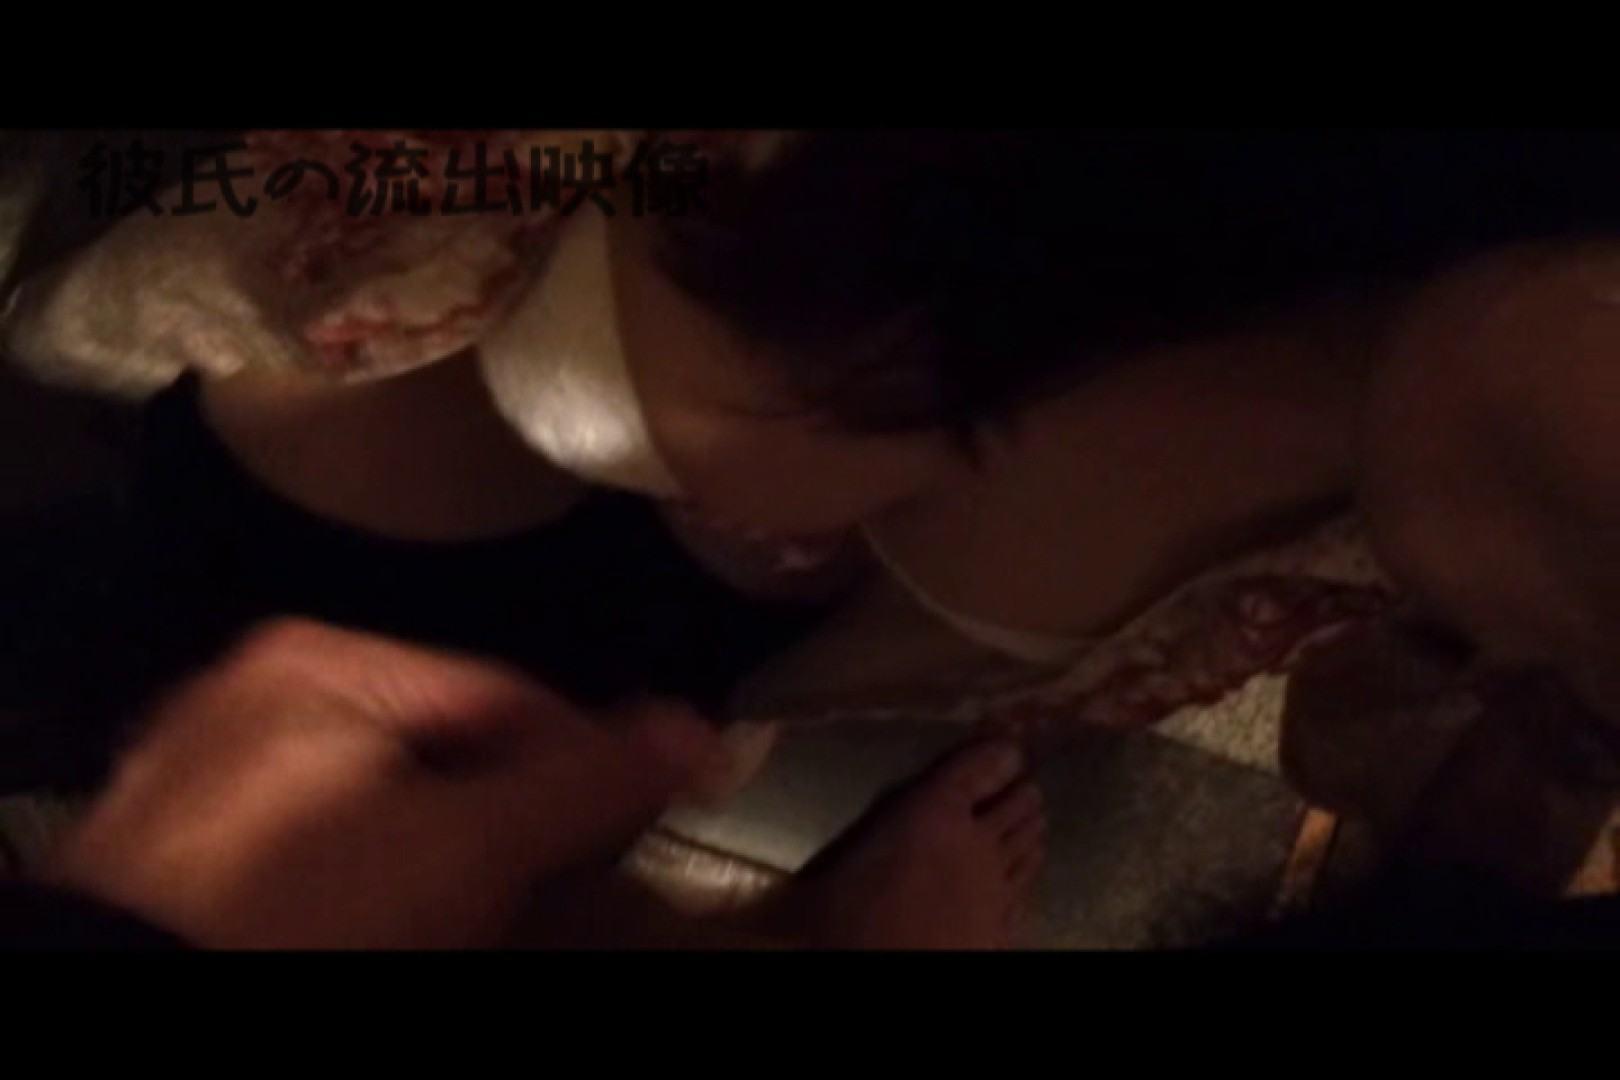 彼氏が流出 パイパン素人嬢のハメ撮り映像03 カップル  36連発 22